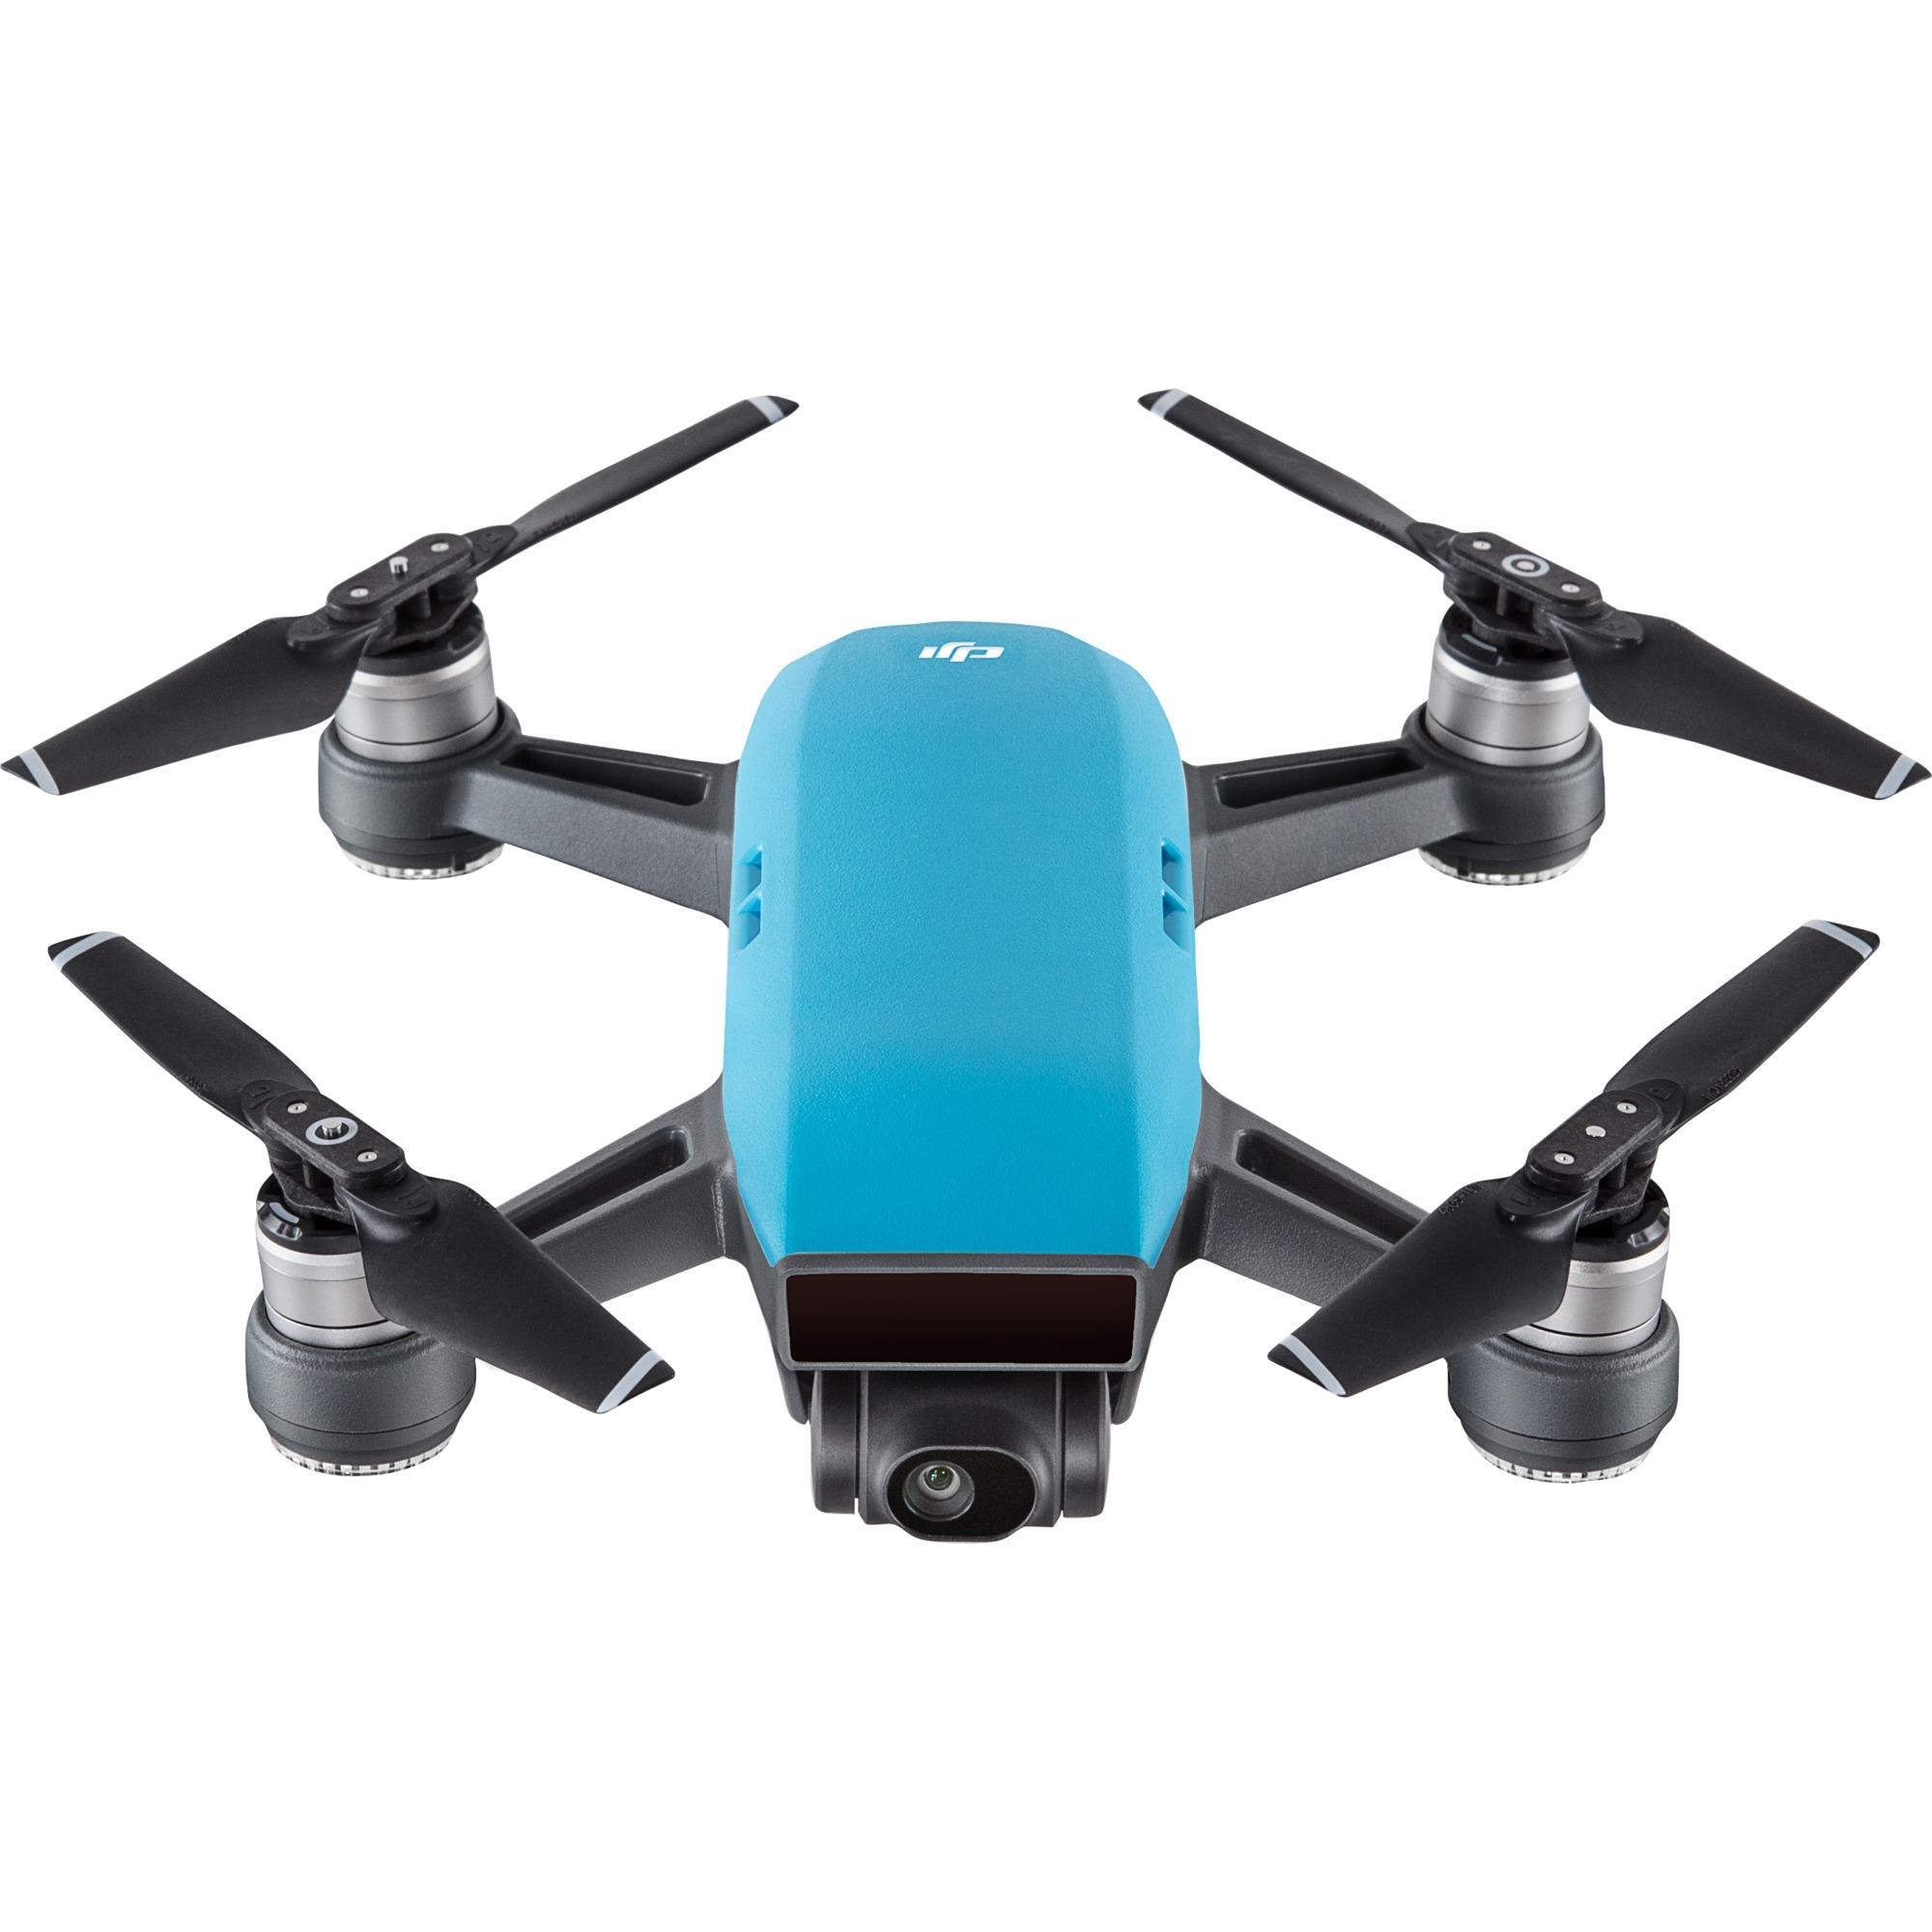 Spark Fly More Combo 4rotors 12MP 1920 x 1080pixels 1480mAh caméra drone